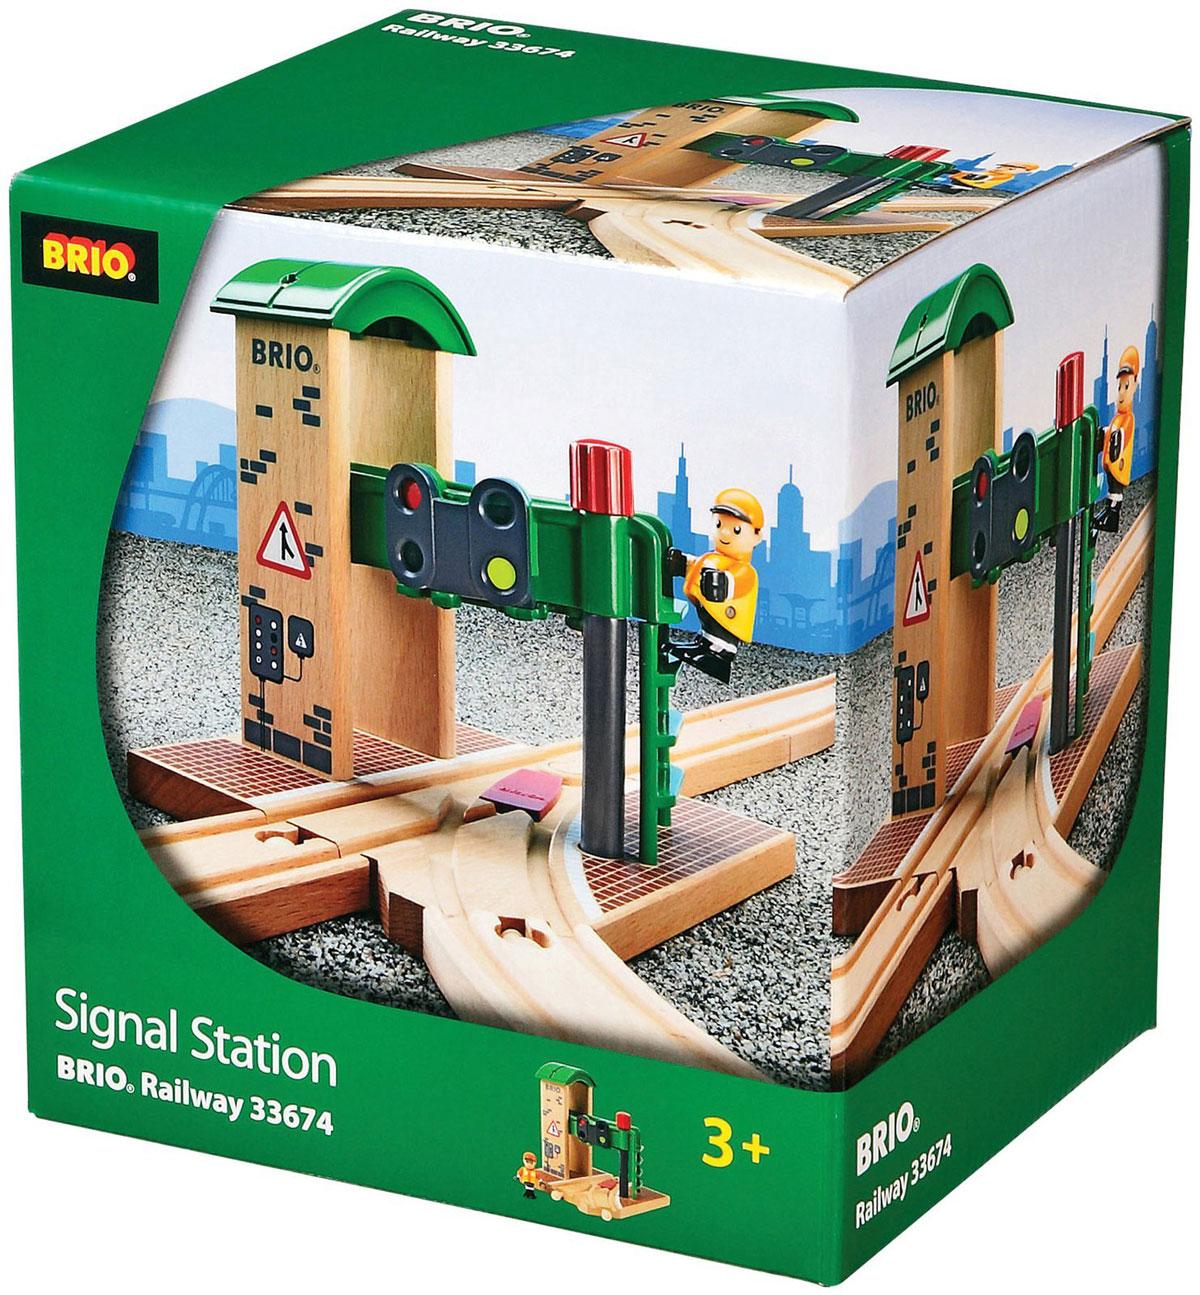 Brio Сигнальная станция33674Вашему ребенку обязательно пригодится в игре с железной дорогой игрушка Brio Сигнальная станция. Сигнальная станция представляет собой здание с развилкой железнодорожных путей и светофором. Стрелка развилки и цвет сигнала светофора переключаются механически с помощью колесика. В комплект с сигнальной станцией также входит фигурка железнодорожника. Железные дороги позволяют ребенку не только получать удовольствие от игры, но и развивать пространственное воображение, мелкую моторику и координацию движений.